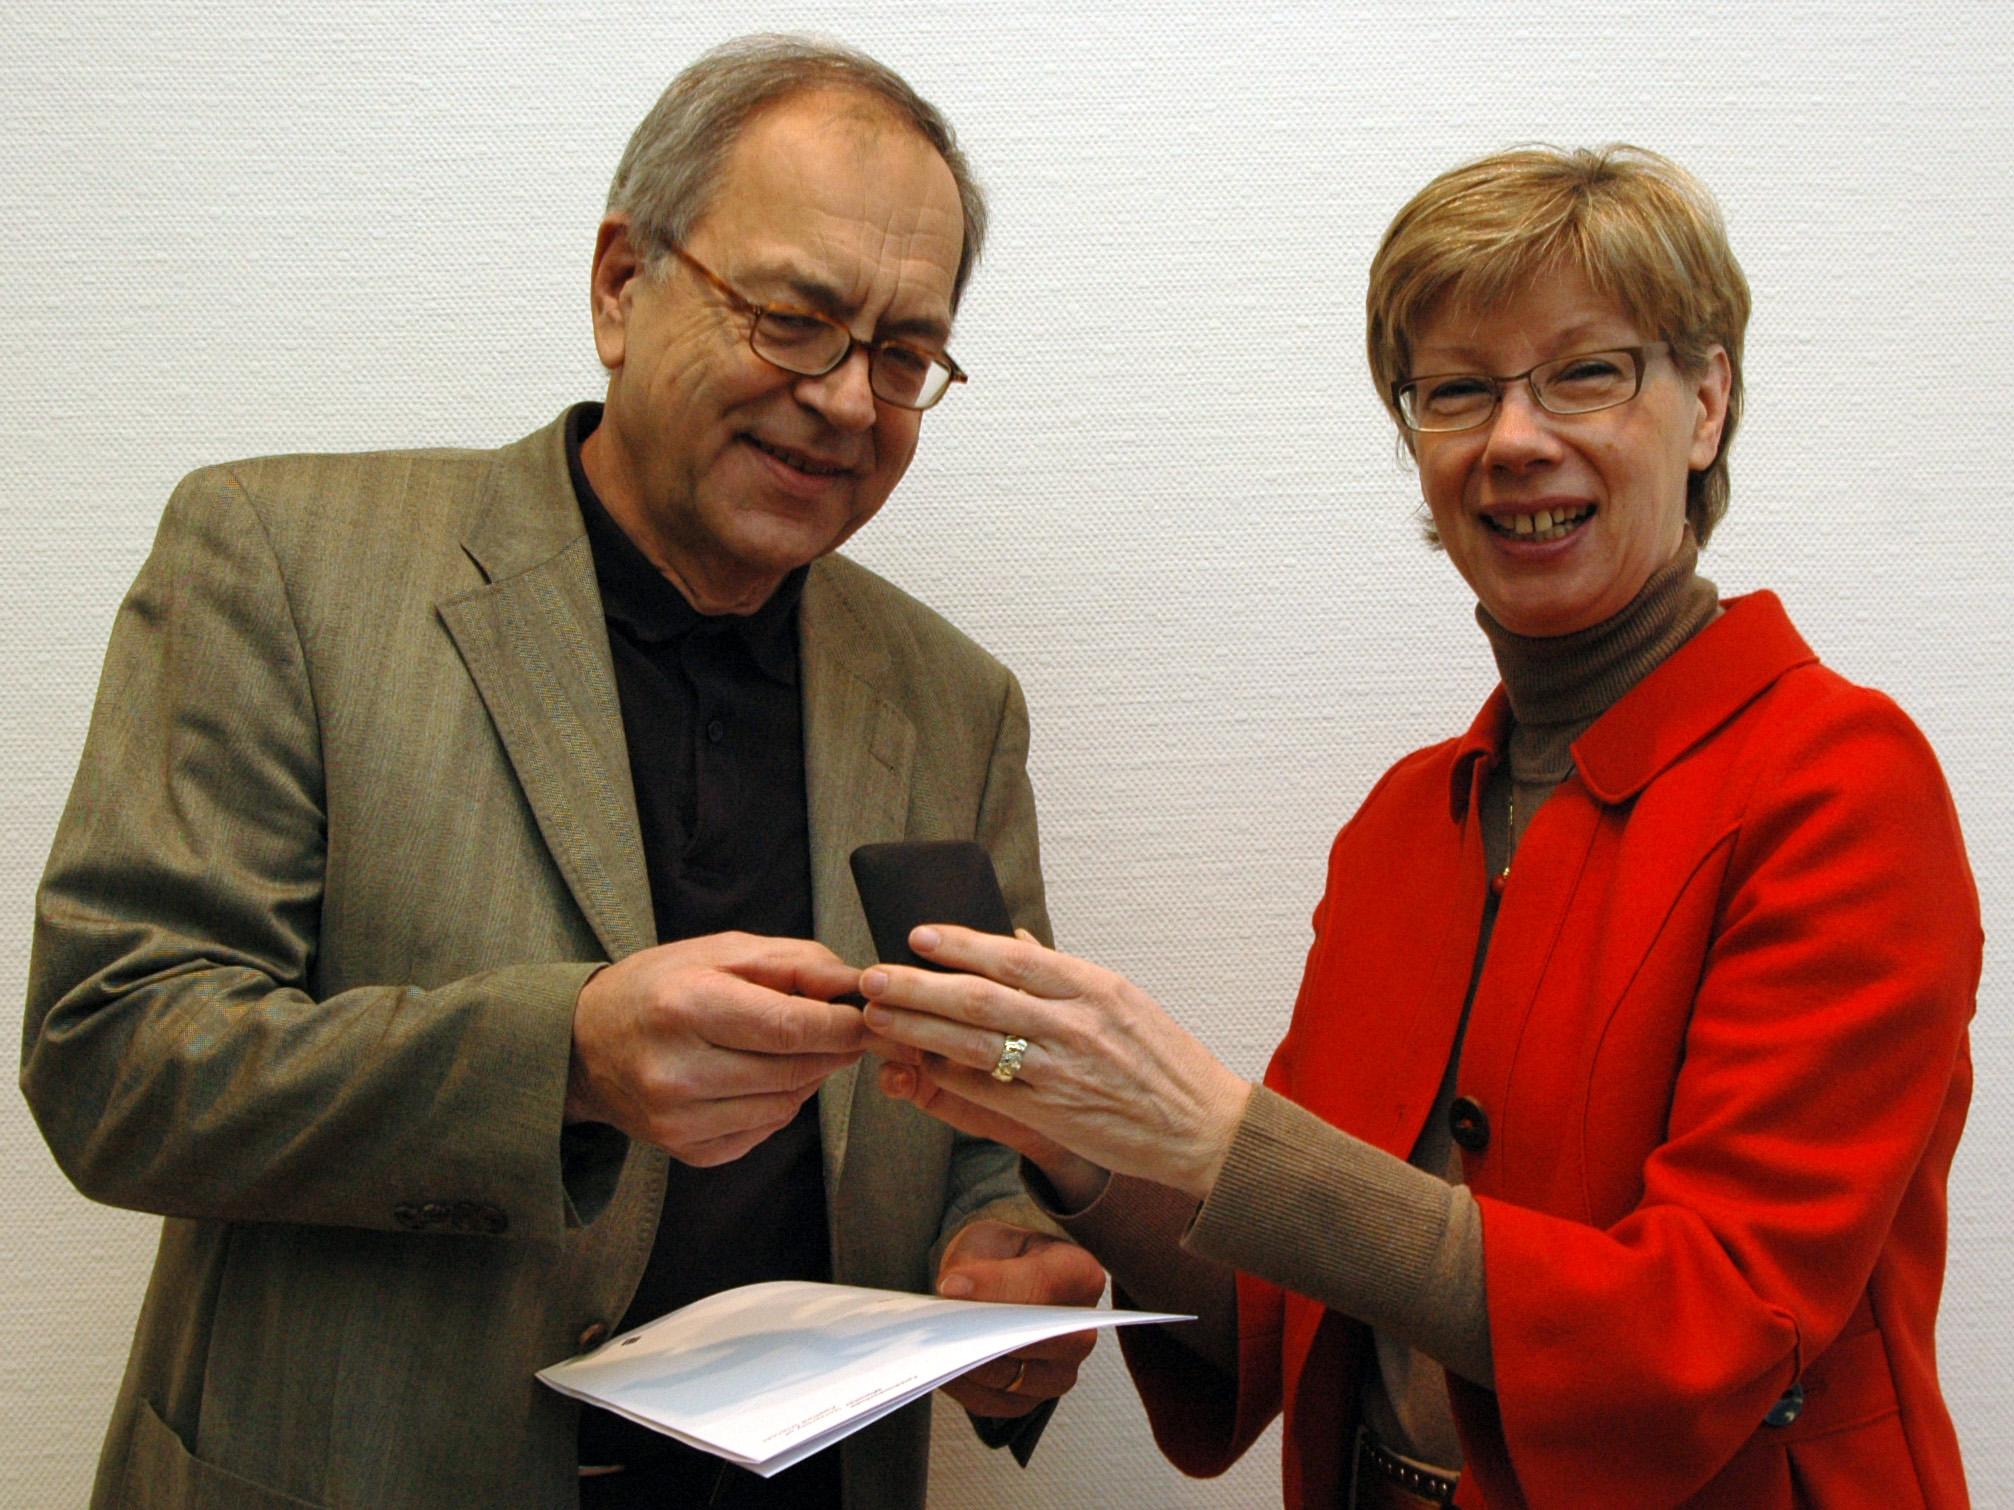 Präsidentin Prof. von Lojewski überreicht Urkunde an Prof. Denk.